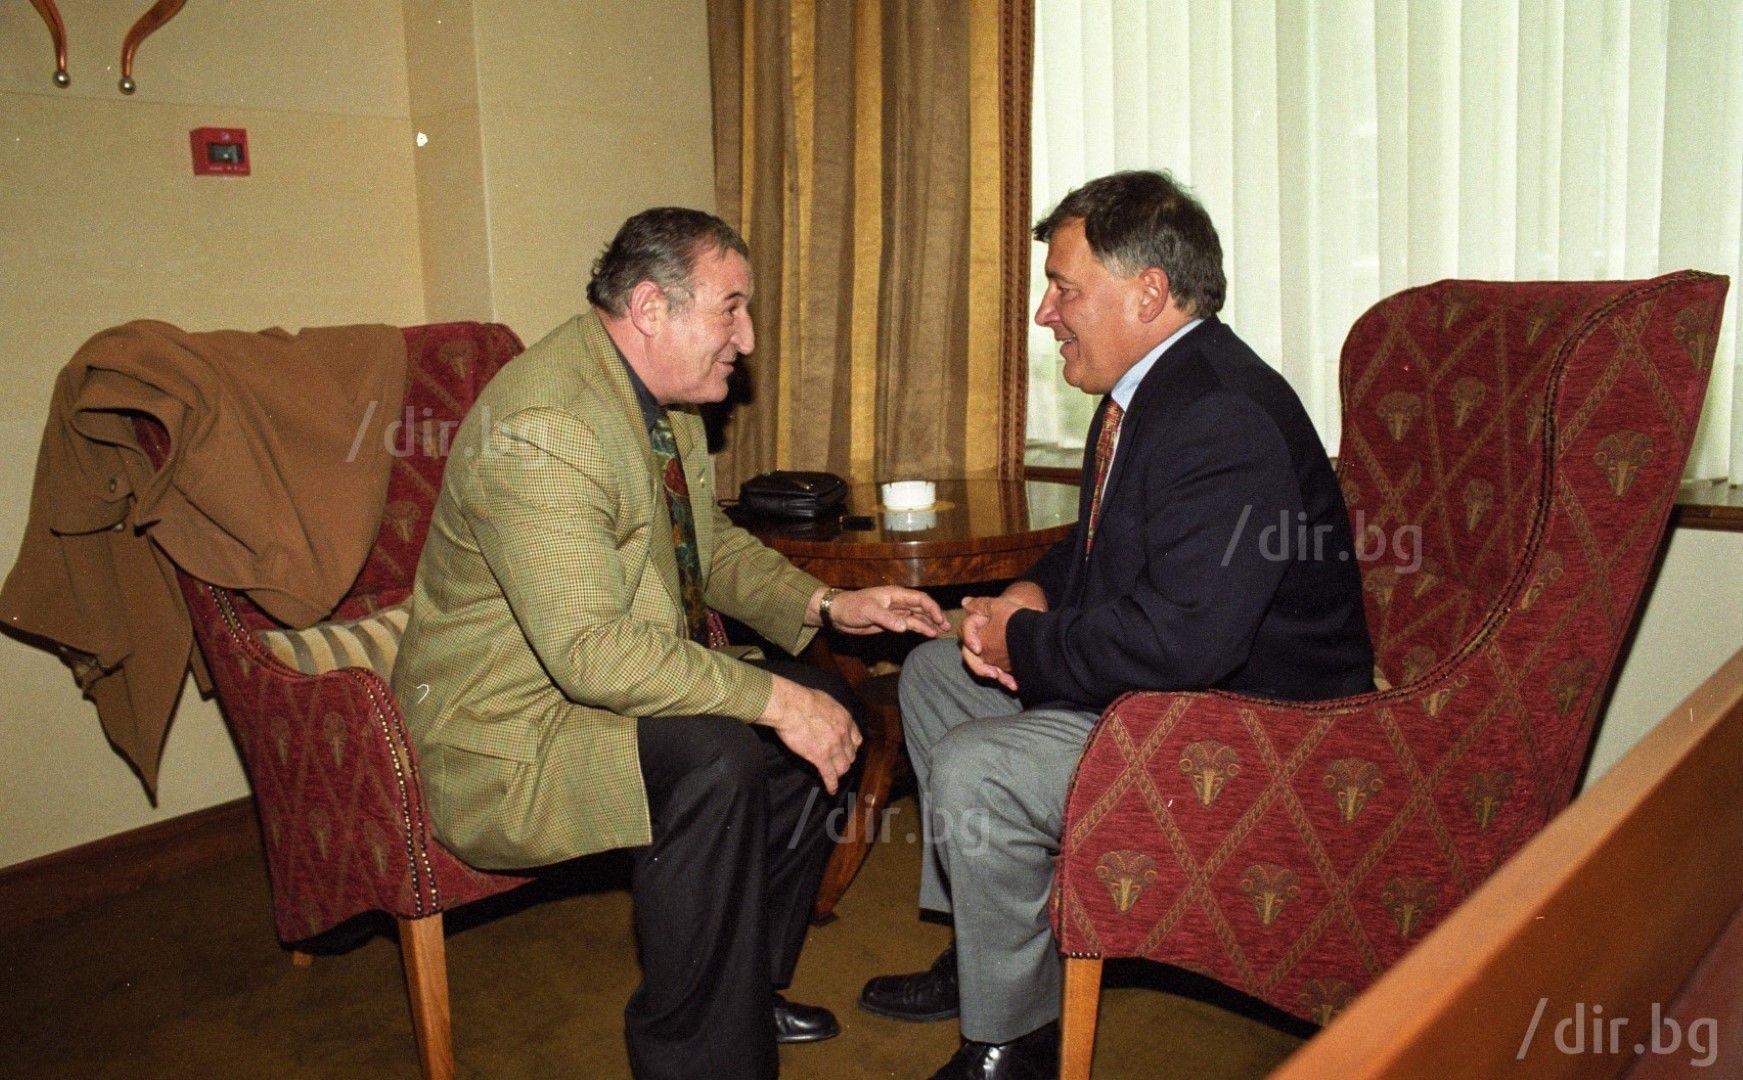 С Димитър Пенев, декември 2000 г. / Снимка: Иван Григоров /